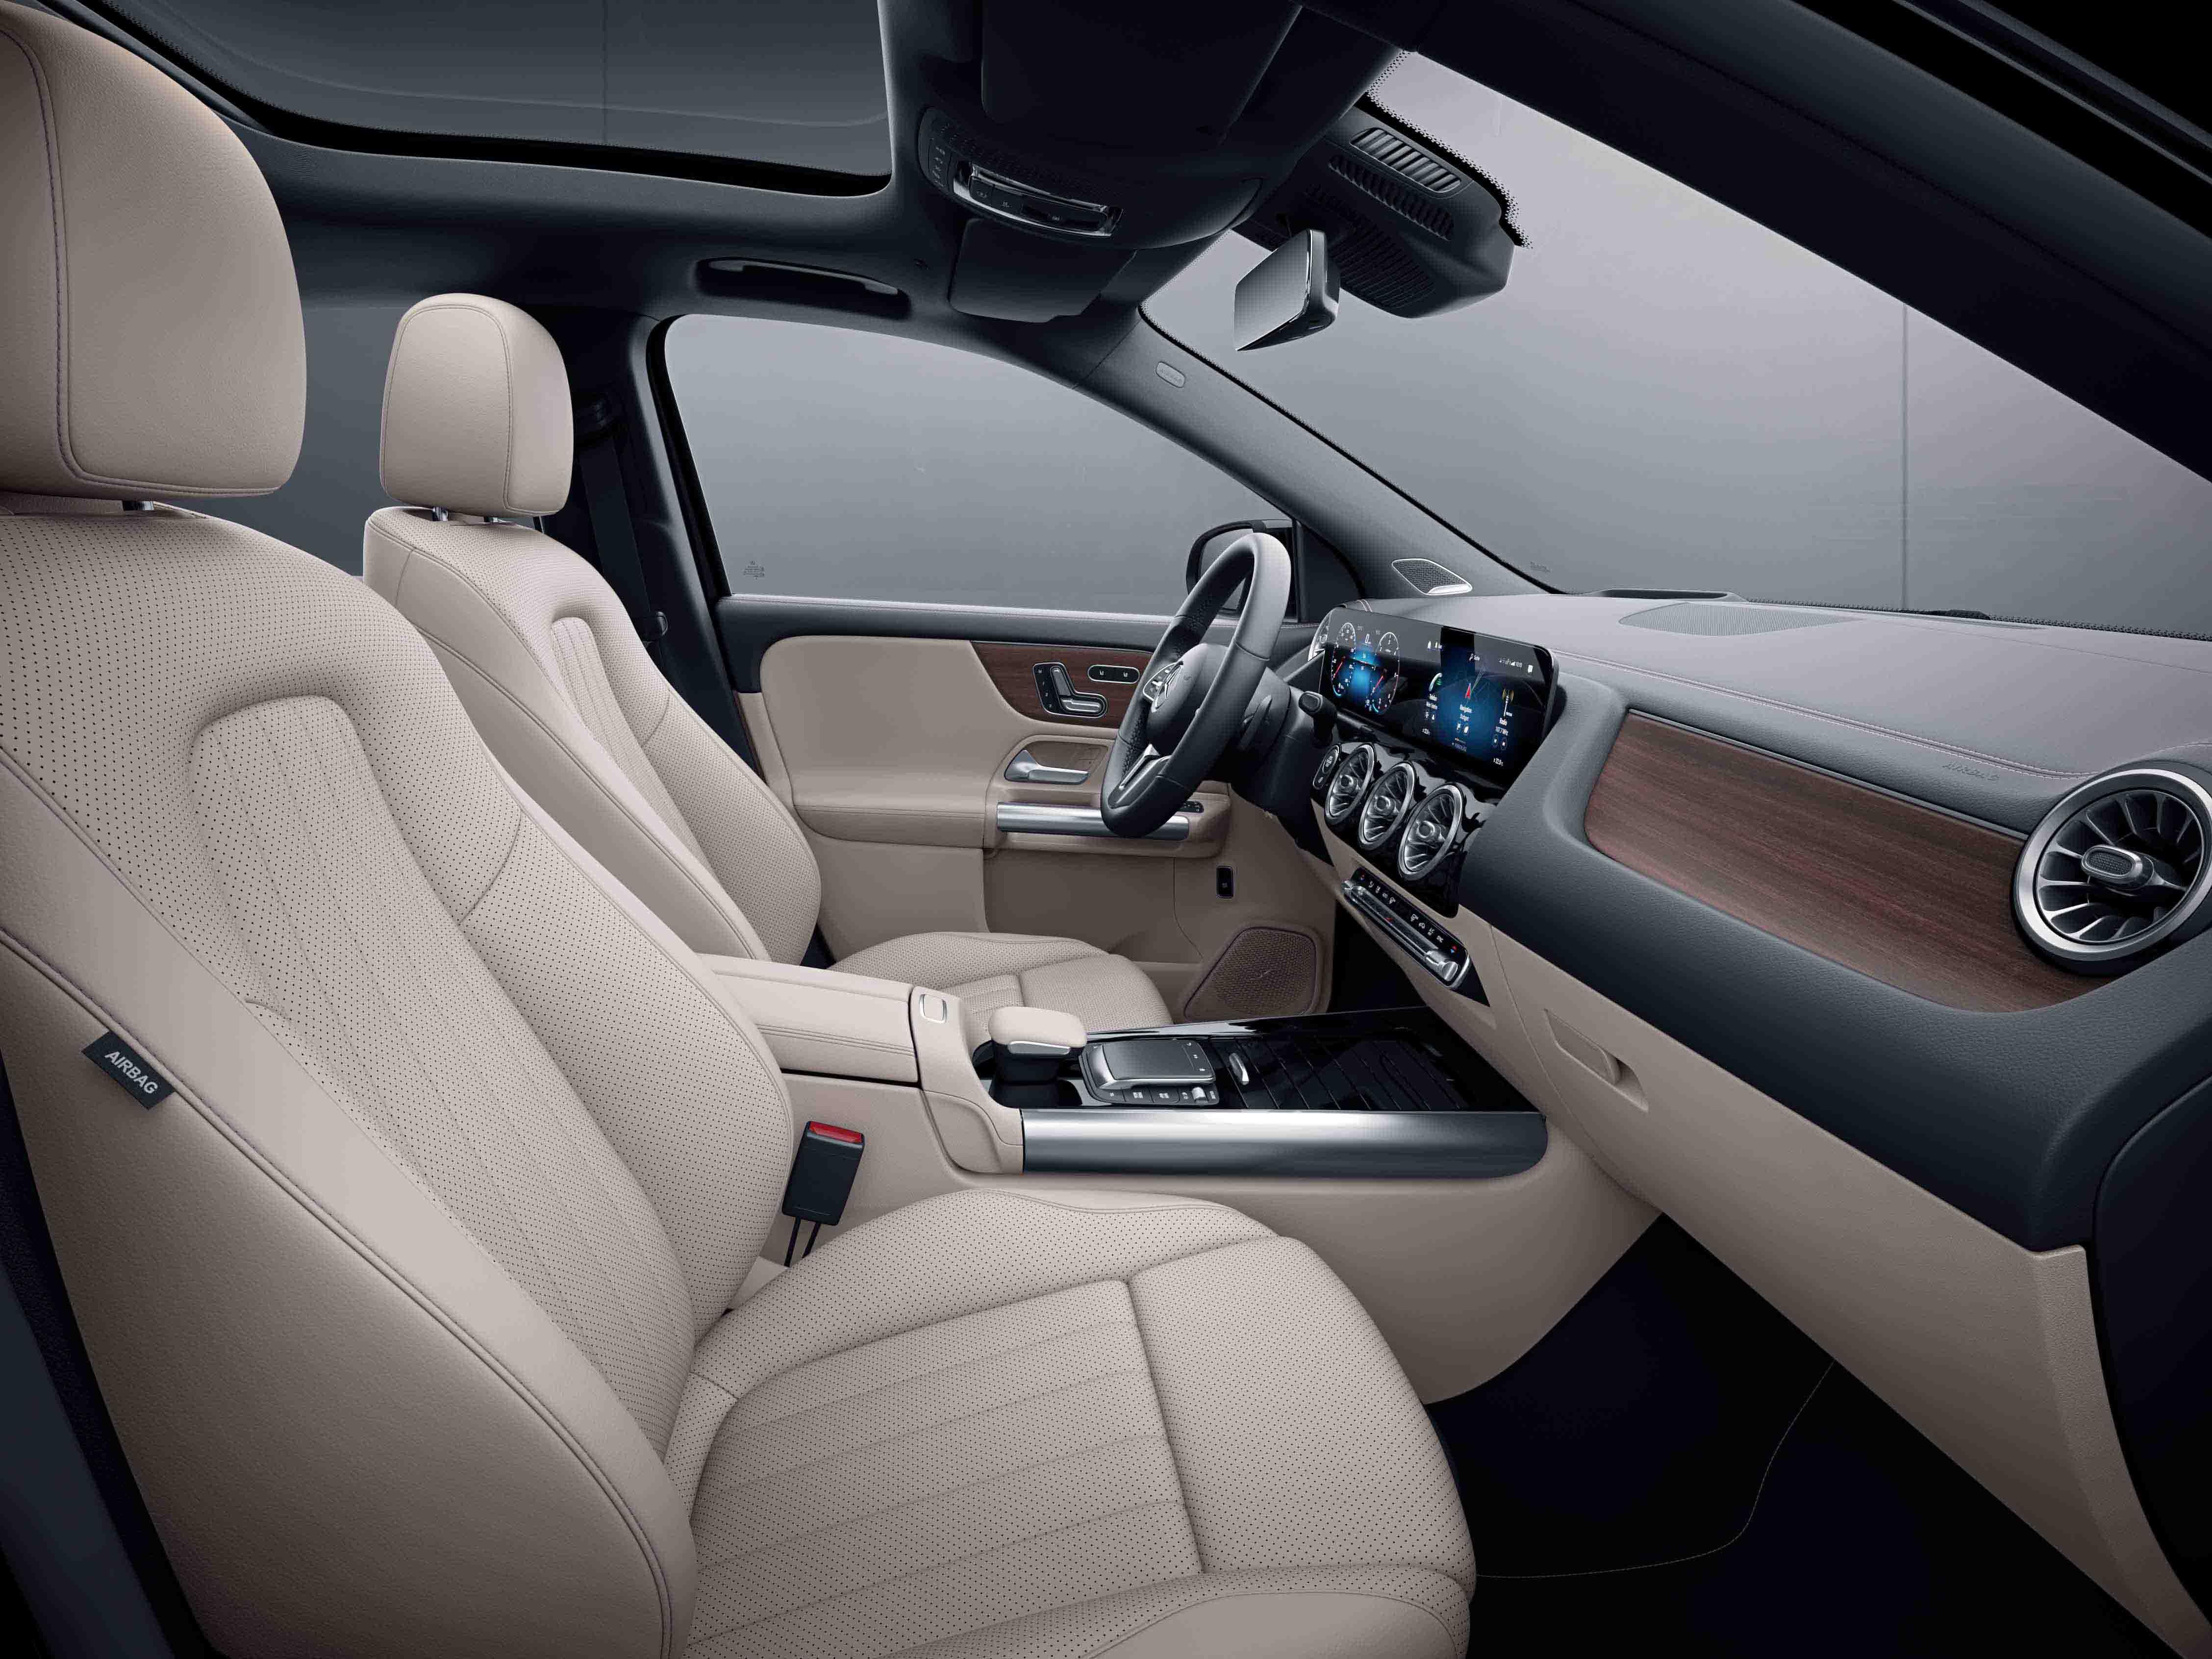 Habitacle de la Mercedes Classe GLA avec une Sellerie cuir - beige macchiato noir